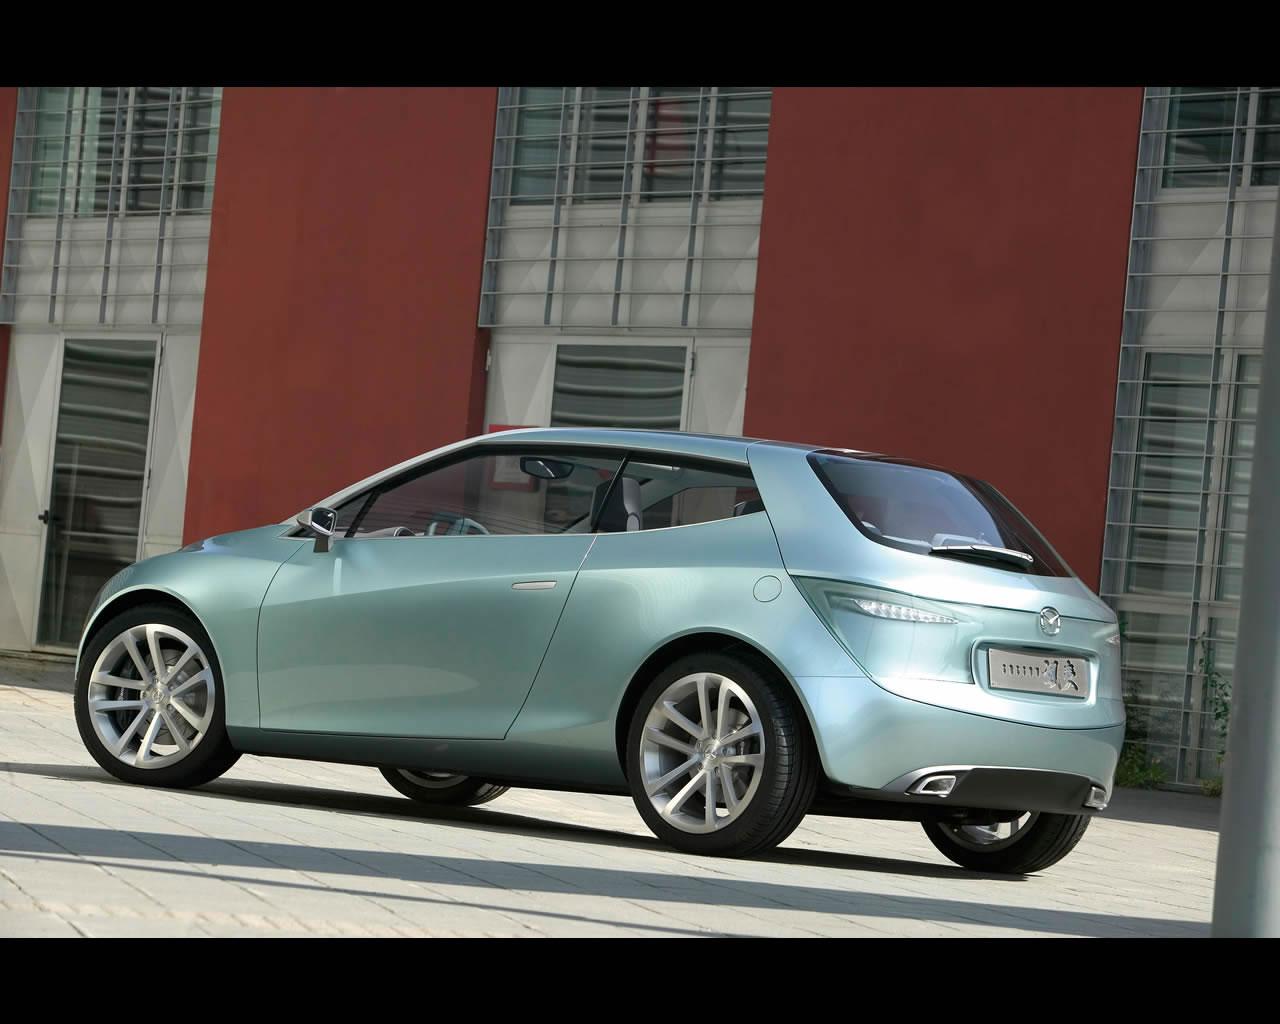 http://autoconcept-reviews.com/cars_reviews/mazda/mazda-sassou/wallpaper/mazda_sassou_2005_012_print.jpg